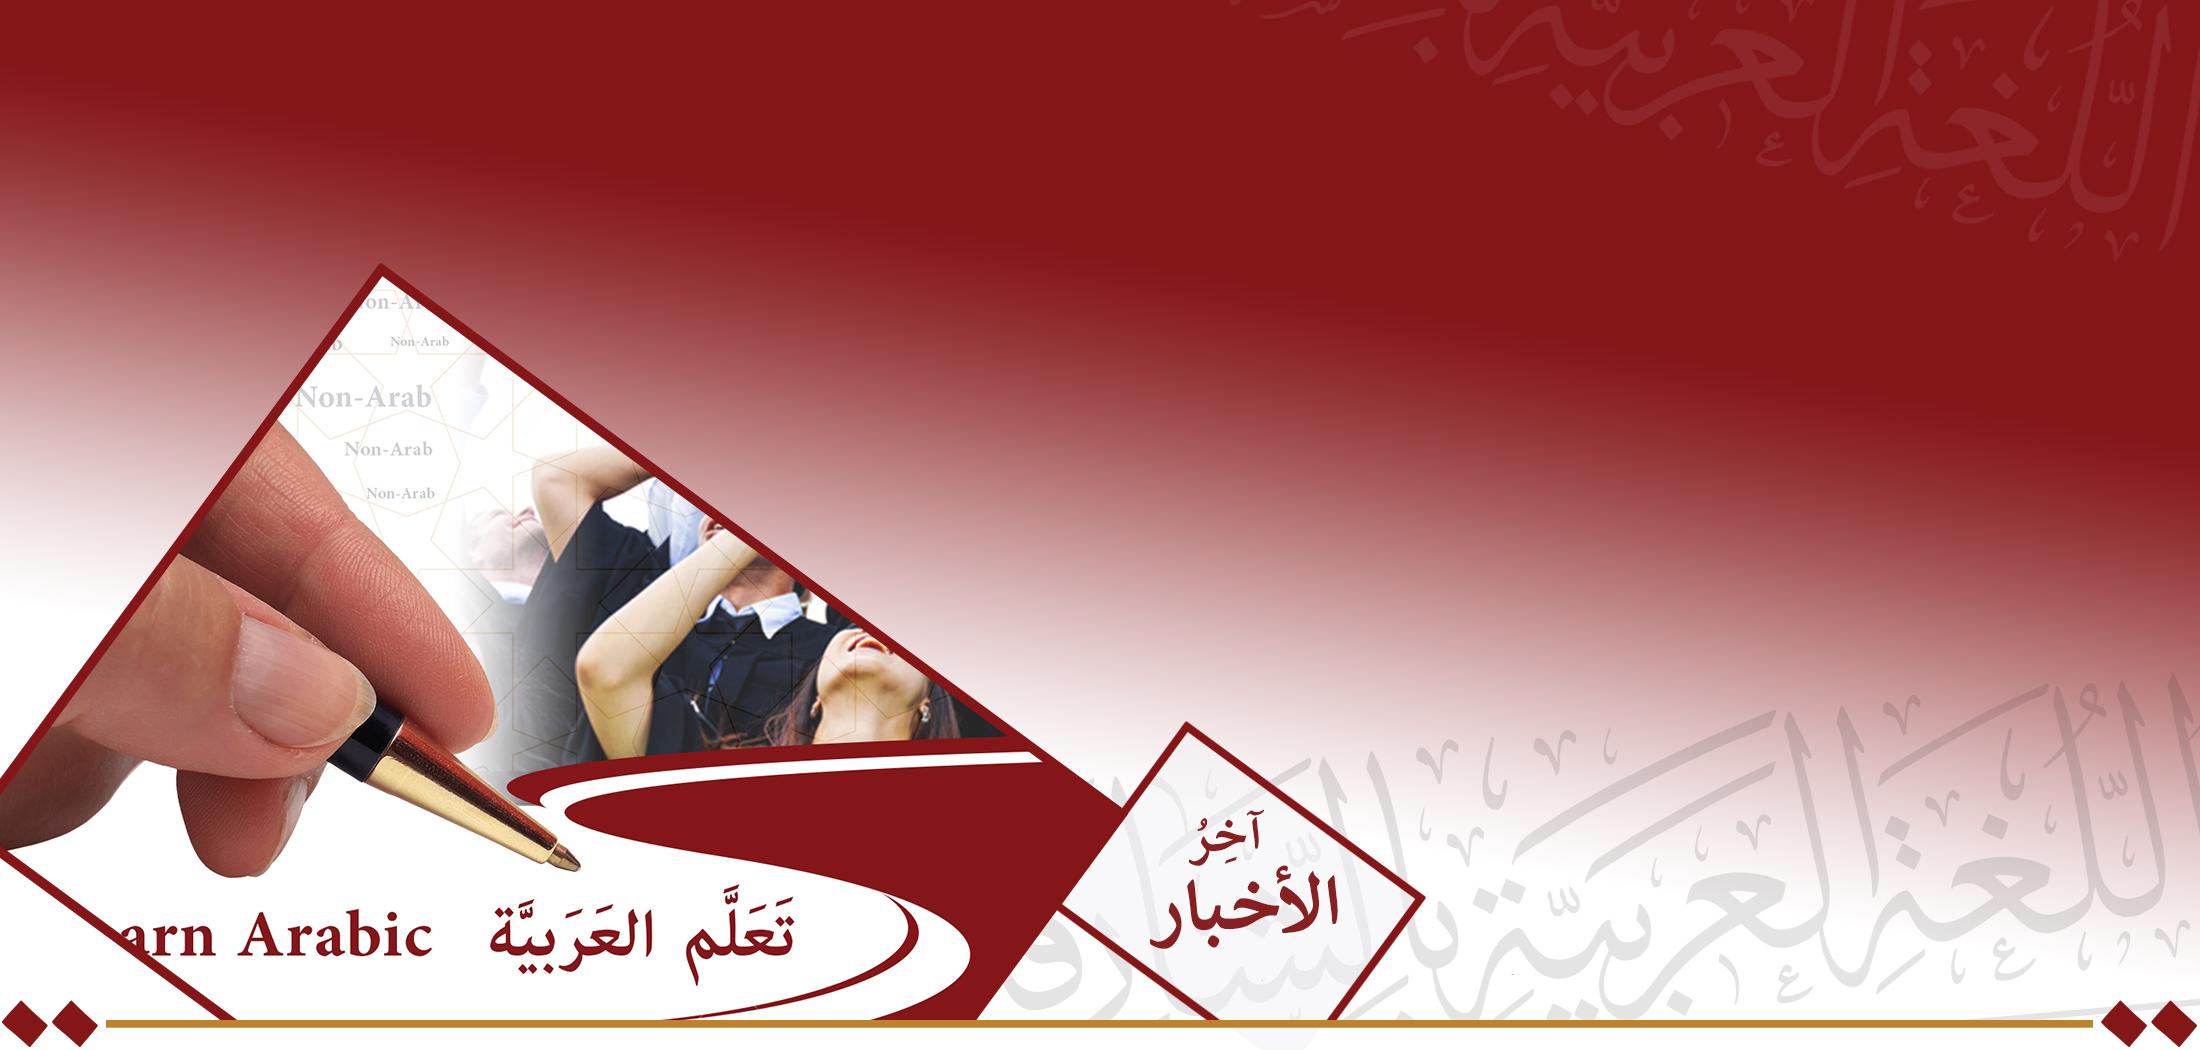 تعلَّم معنا اللُّغة العربيَّة مجانًا 1 Learn Arabic for free